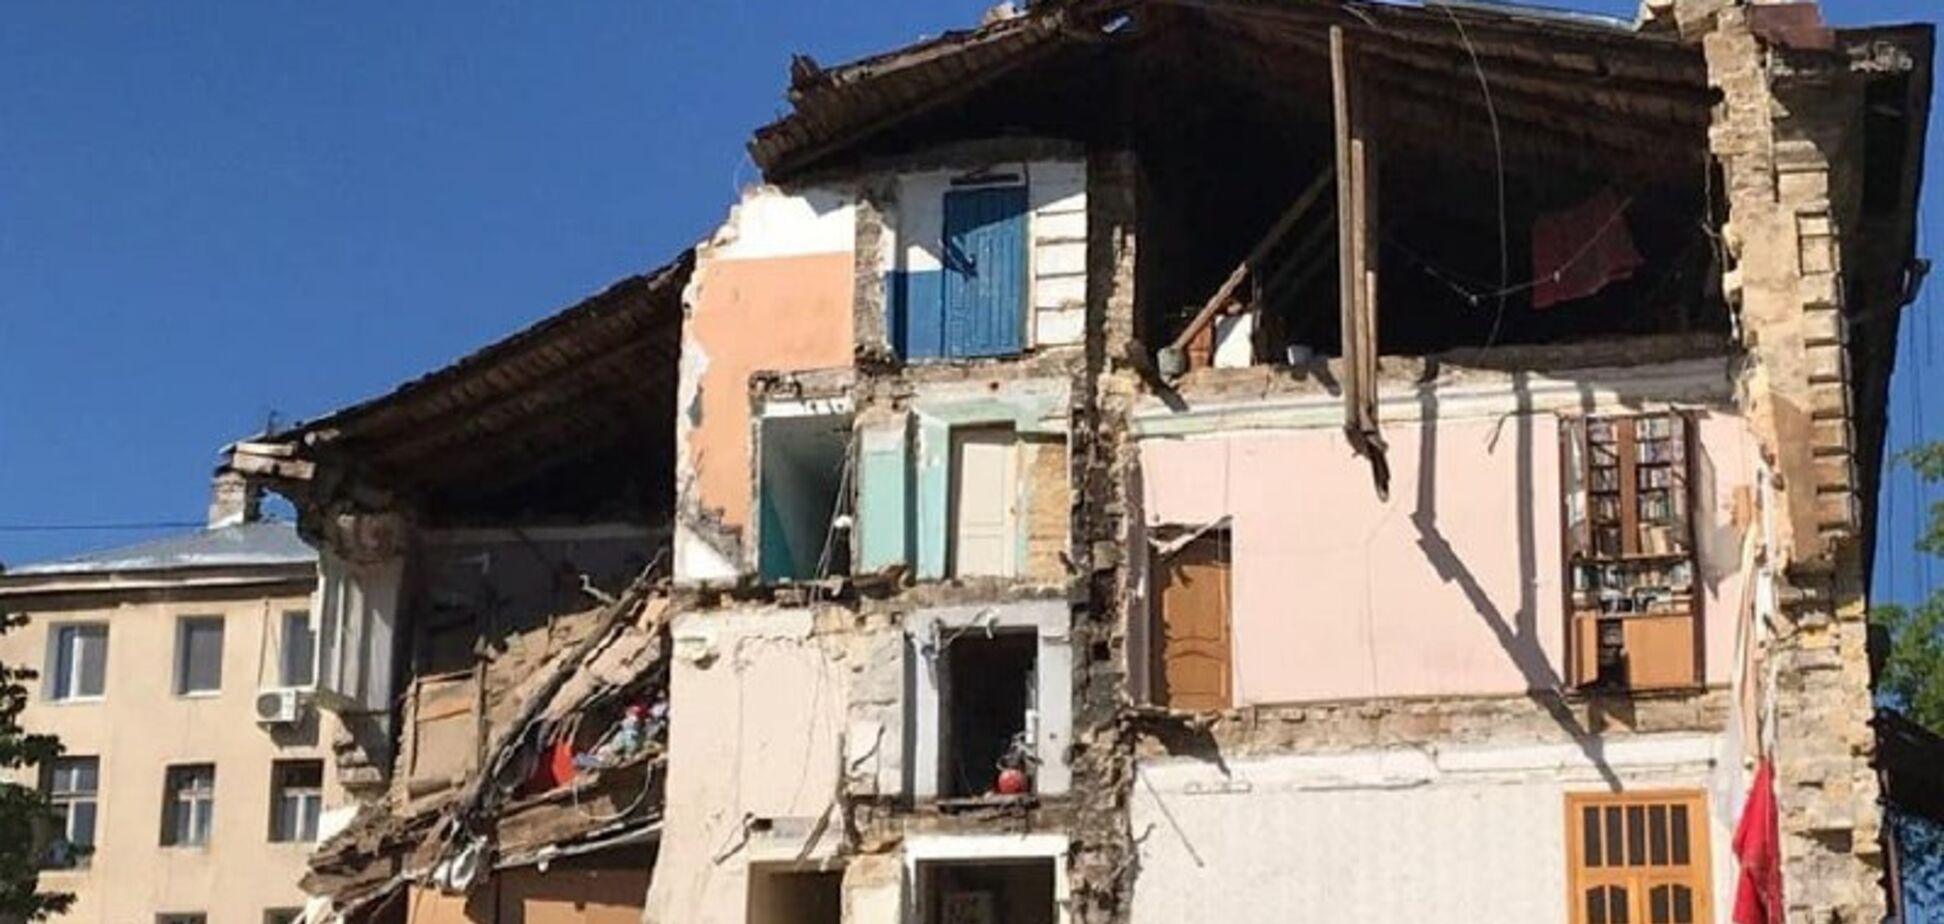 В Одессе обрушился 4-этажный жилой дом: разрушены несколько квартир. Фото и видео